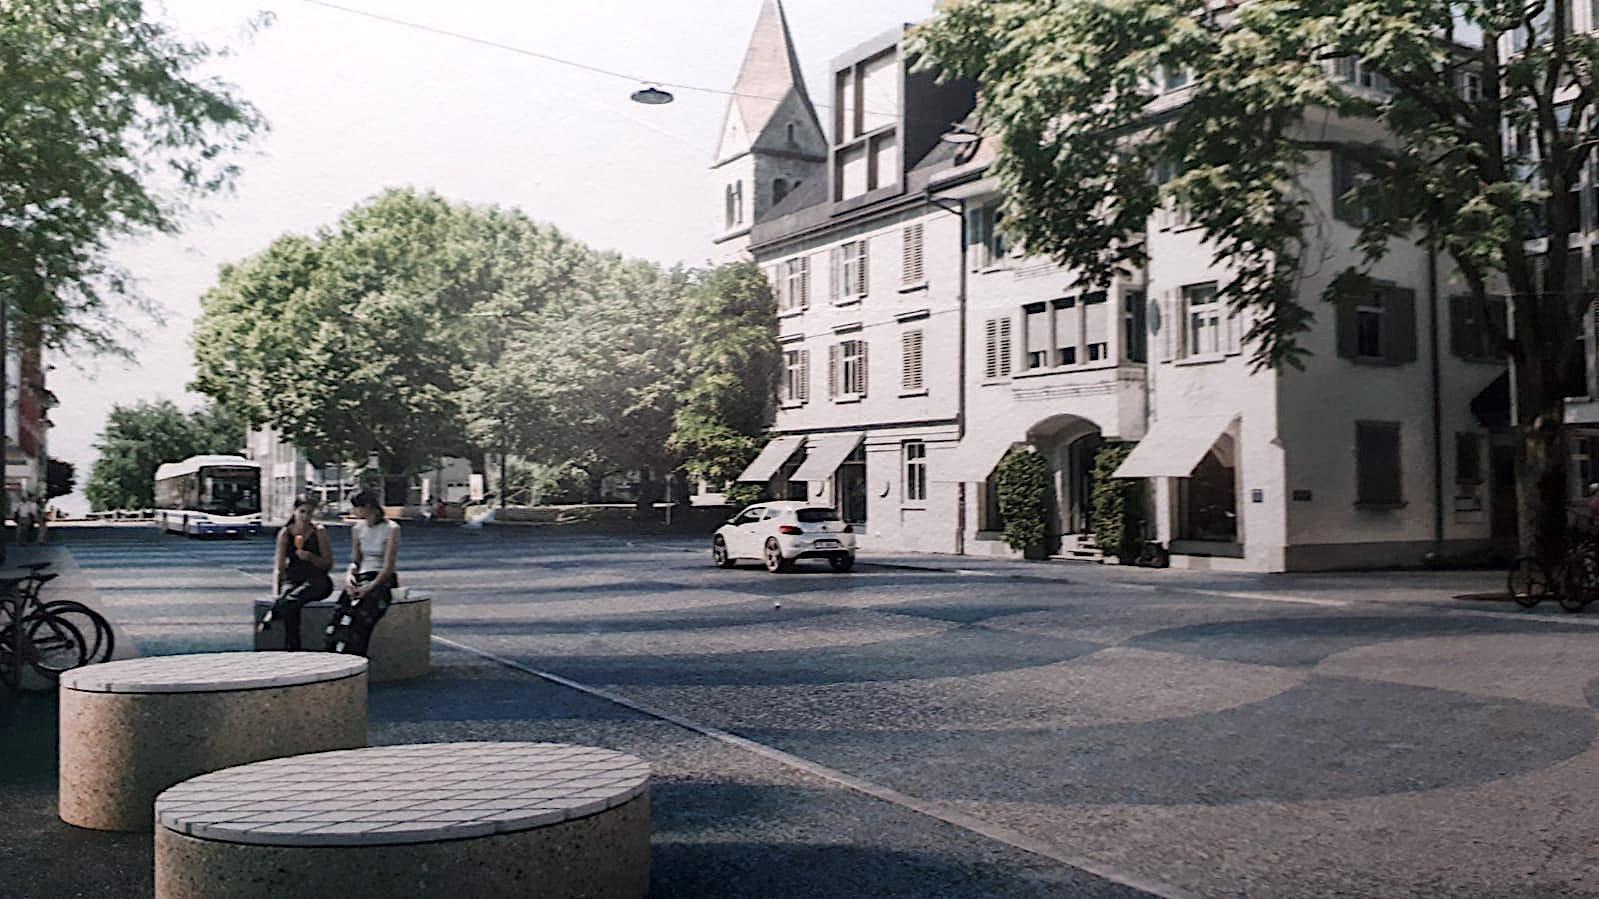 So könnte die umgestaltete Alpenstrasse aussehen. Dieses Projekt kam indes nicht in die Kränze.